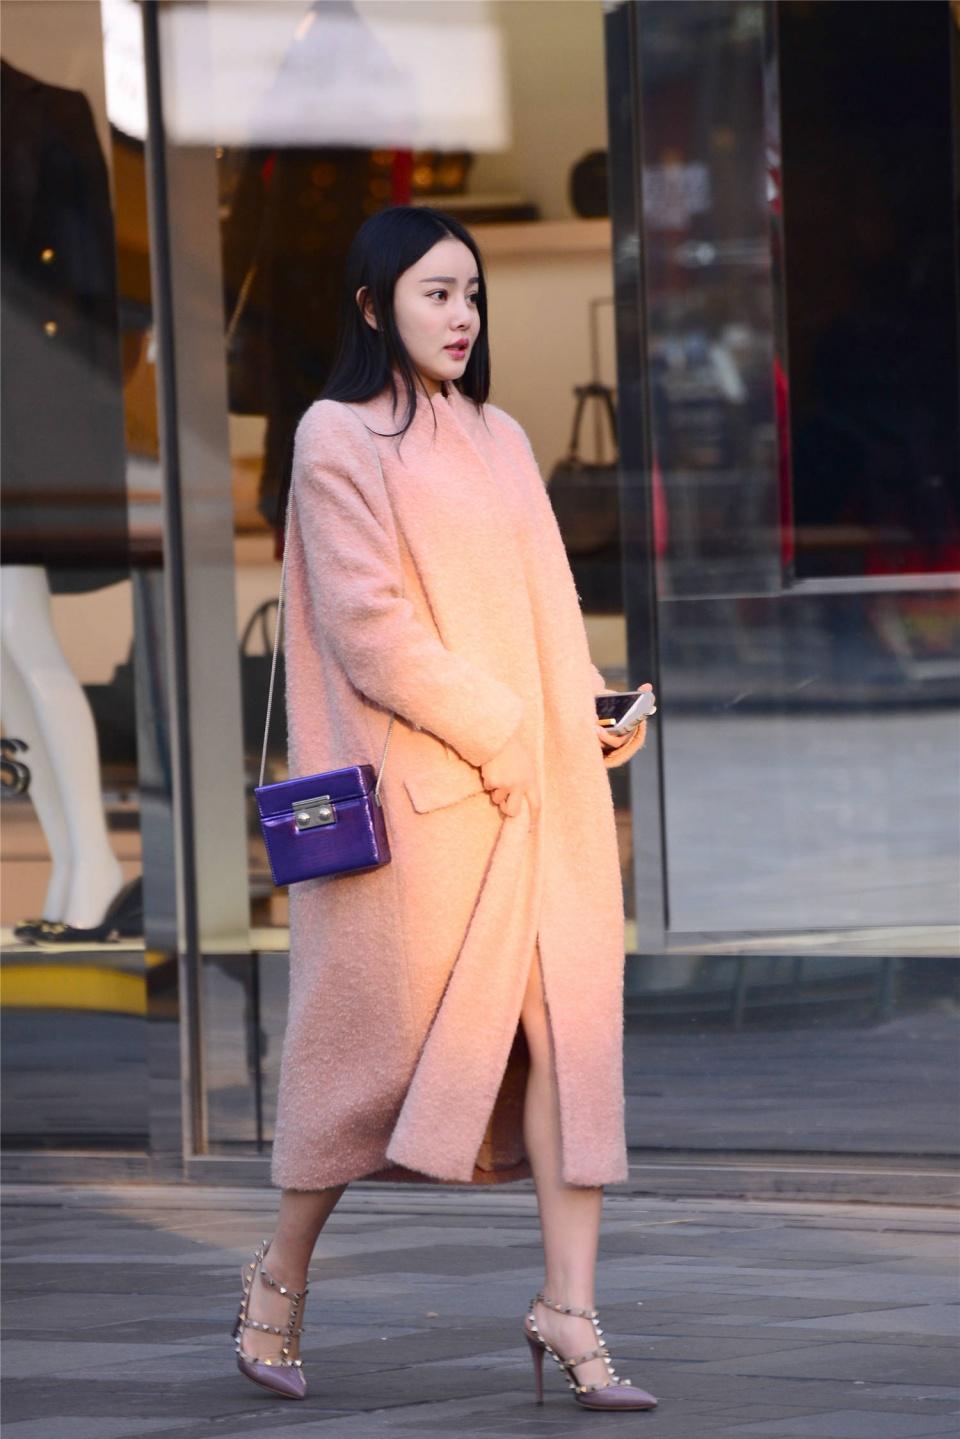 粉色大衣搭配尖头细跟铆钉凉鞋,秋冬穿搭,你会尝试么